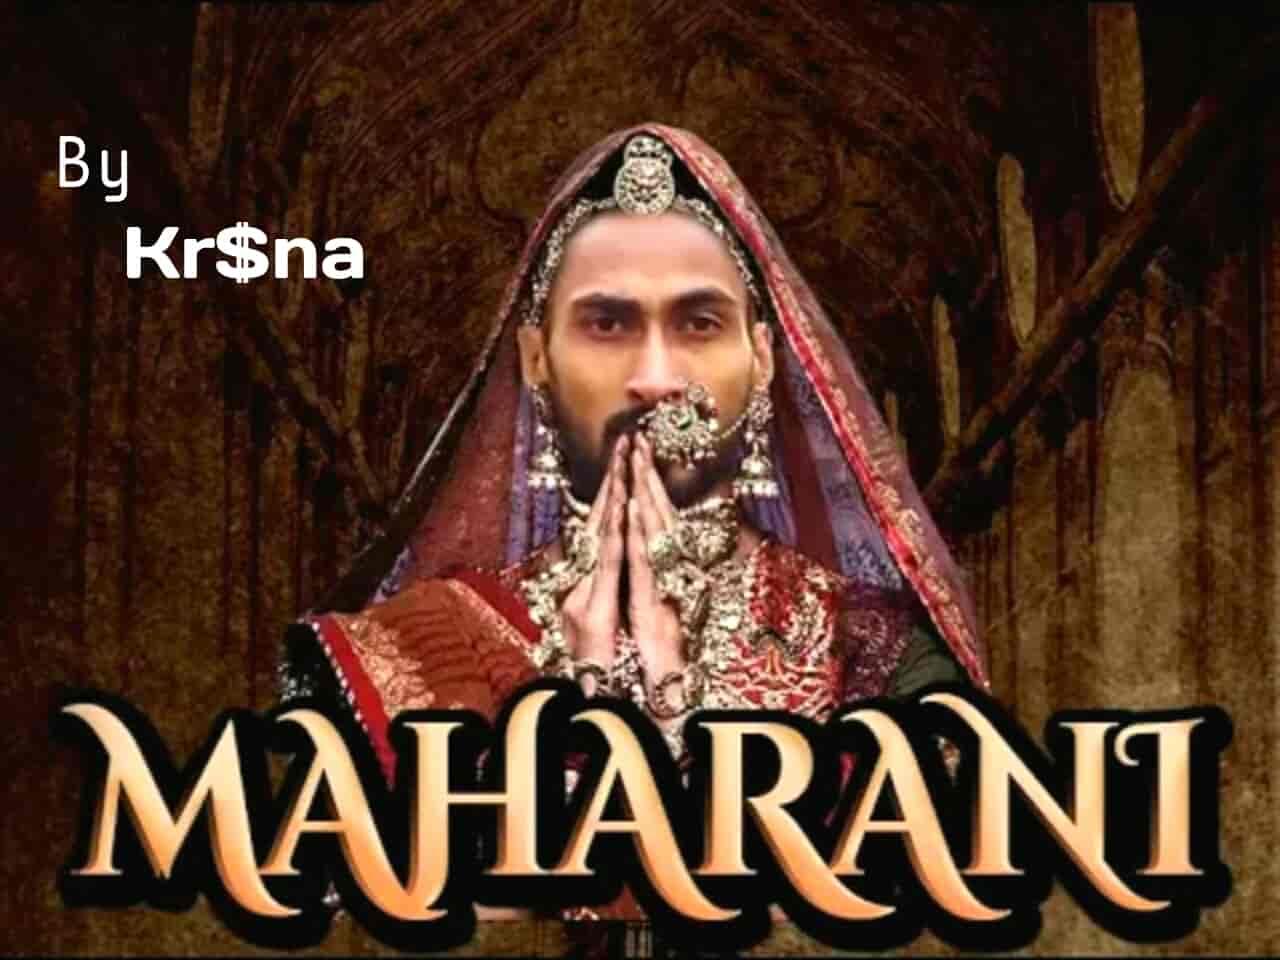 Maharani Rap Song Images By Kr$na